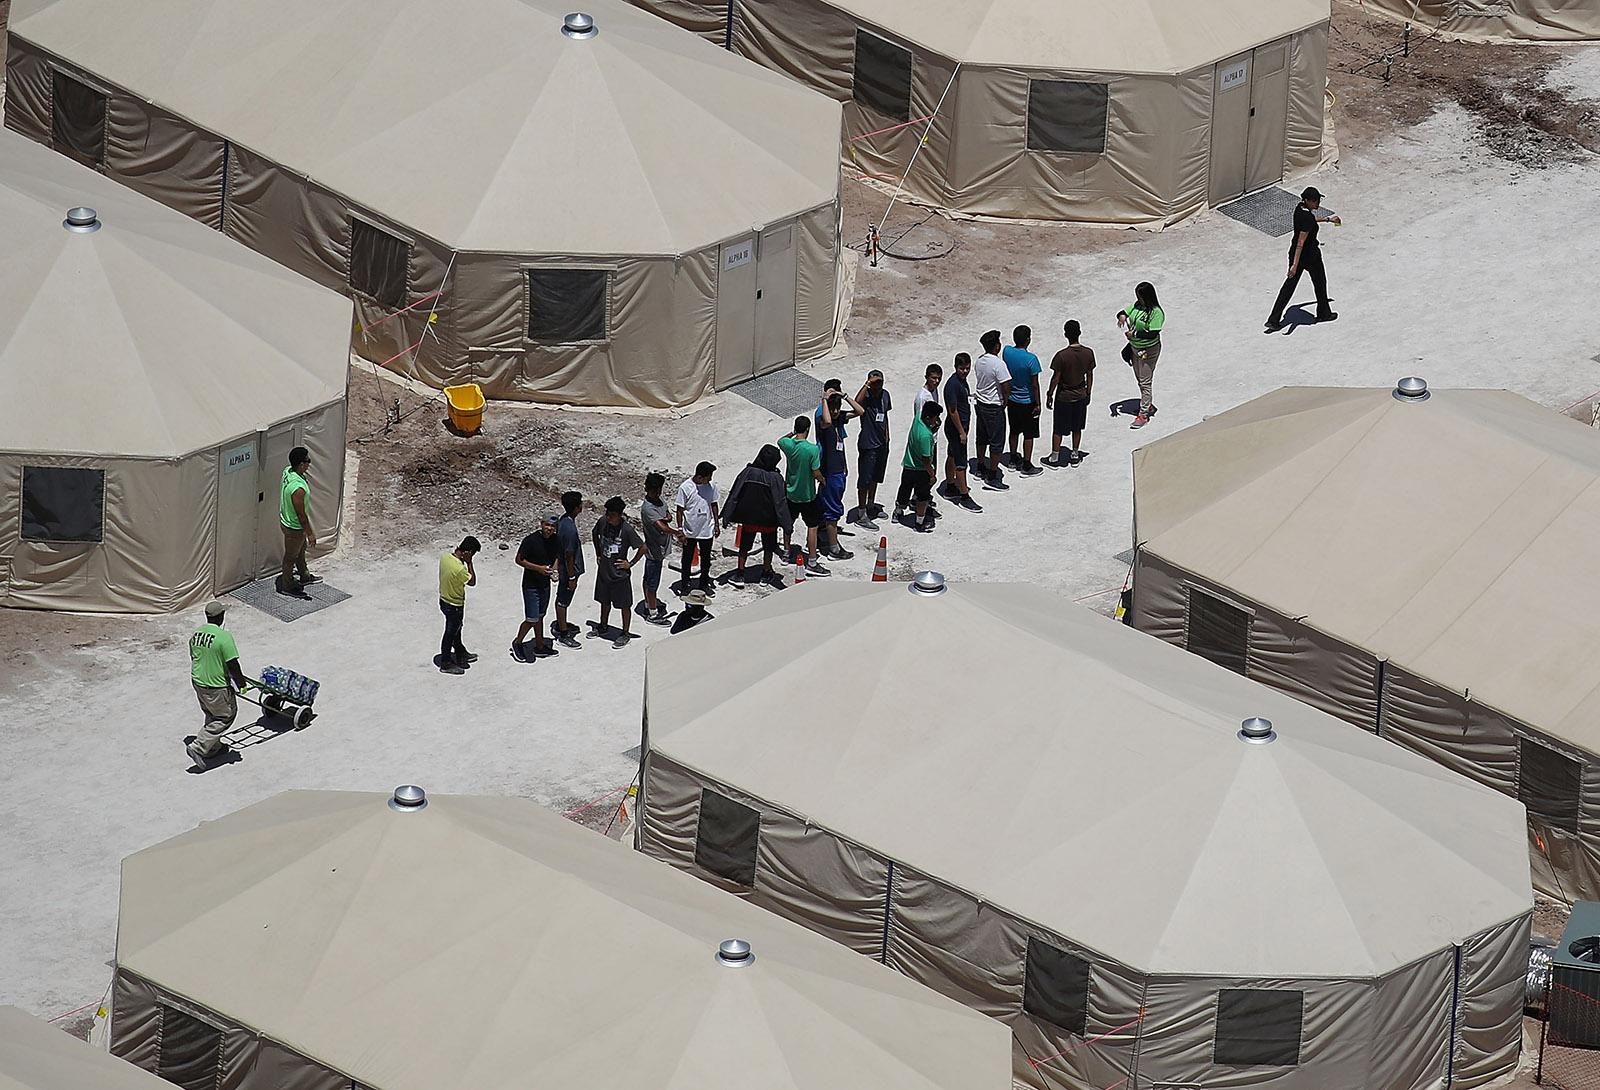 Ο πόλεμος του Τραμπ ενάντια στους μετανάστες – Σχεδόν 15.000 ανήλικοι βρίσκονται έγκλειστοι σε κέντρα κράτησης στις ΗΠΑ